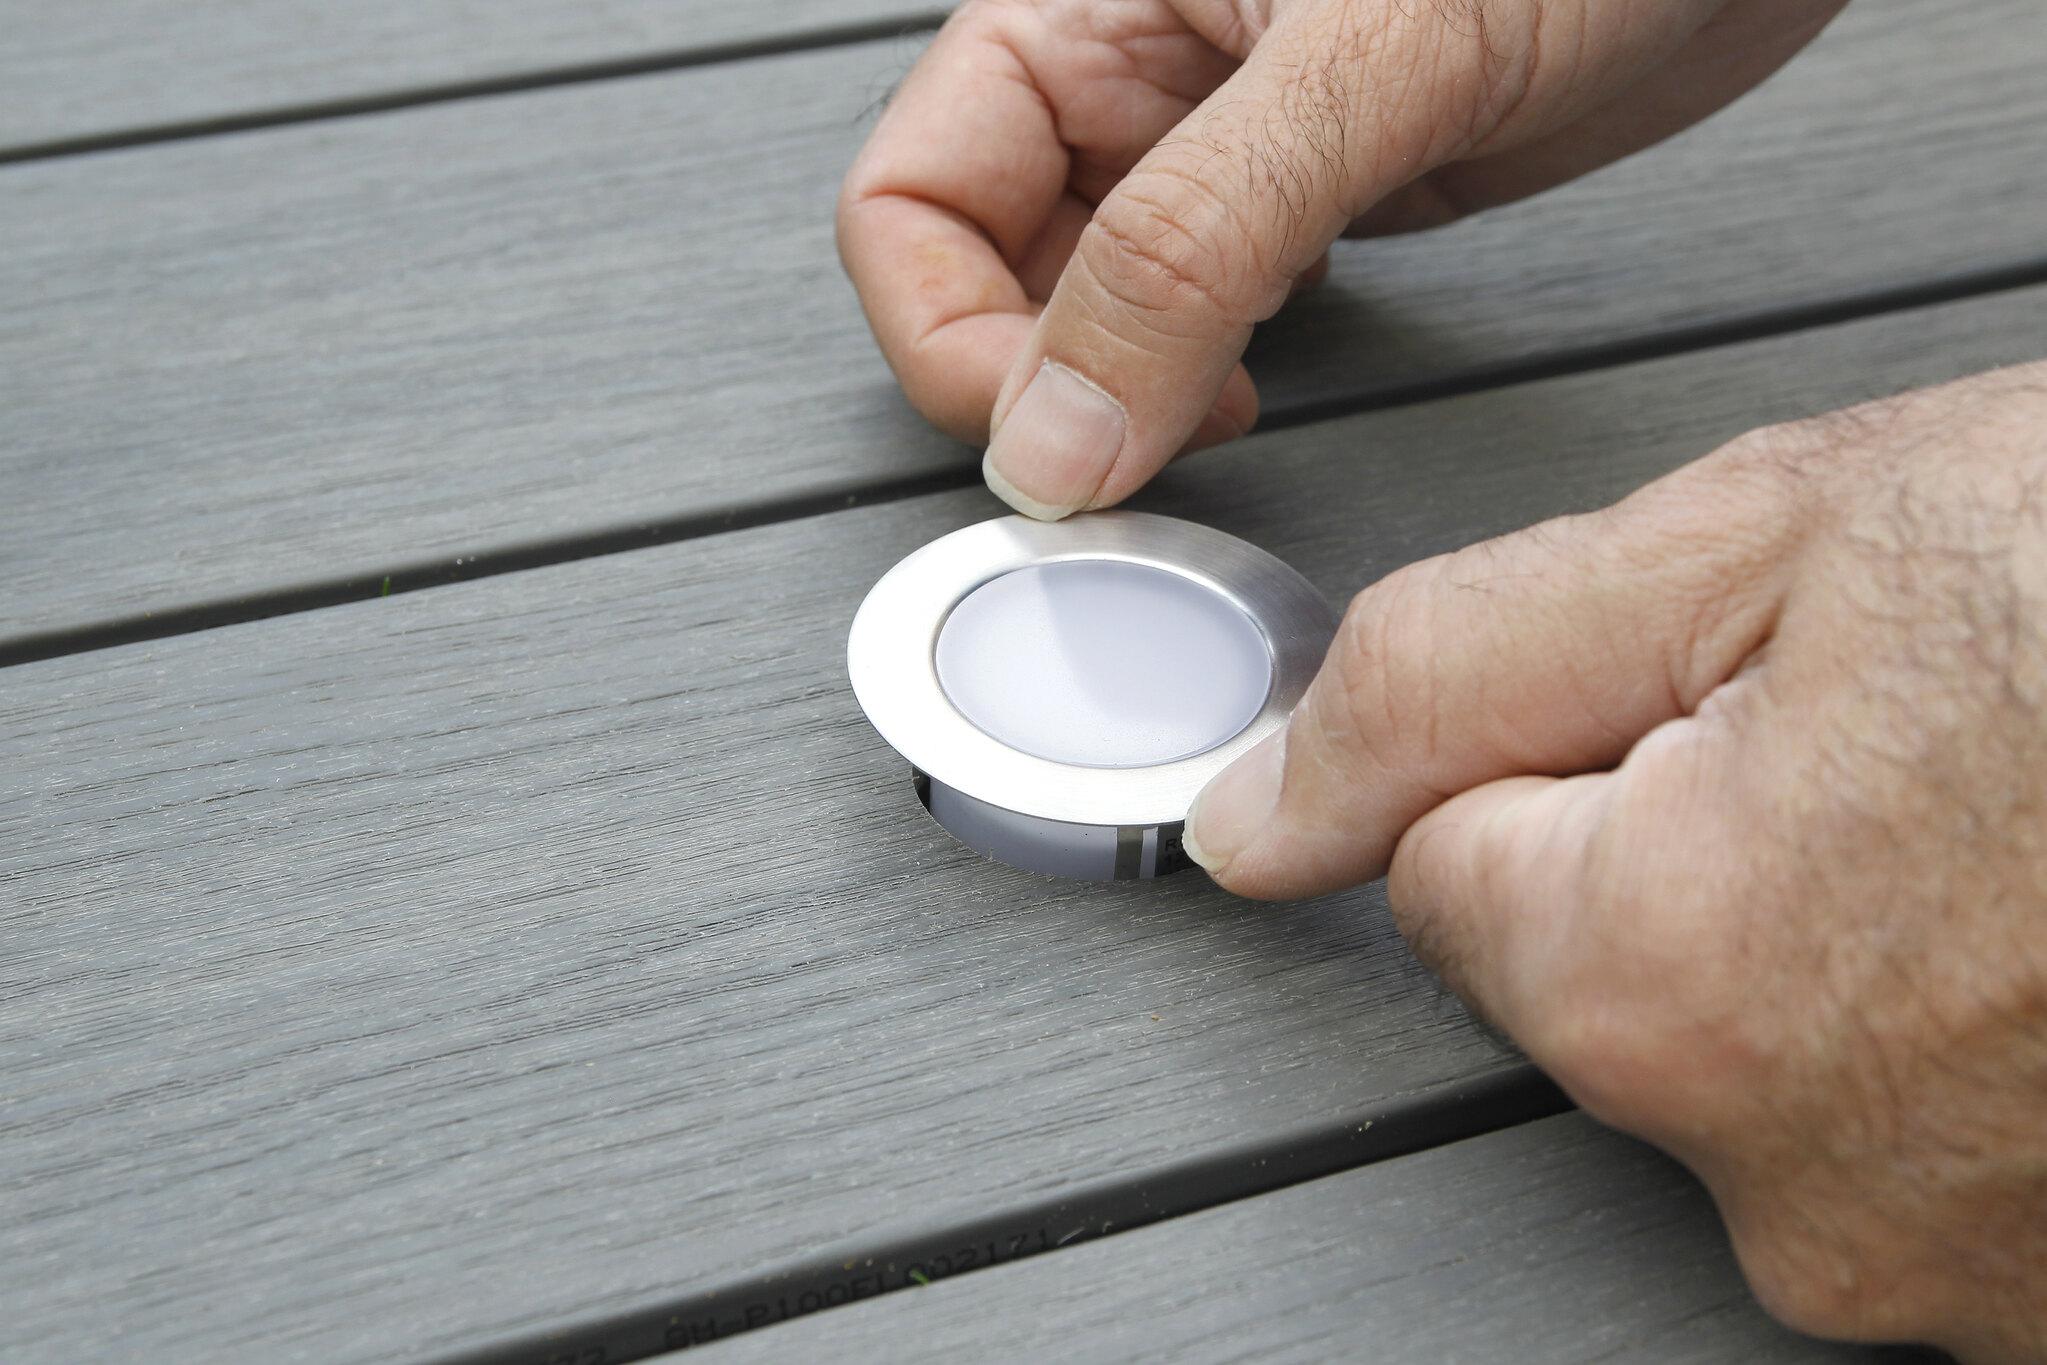 Préparer le perçage lame de terrasse pour encastrer sport LED